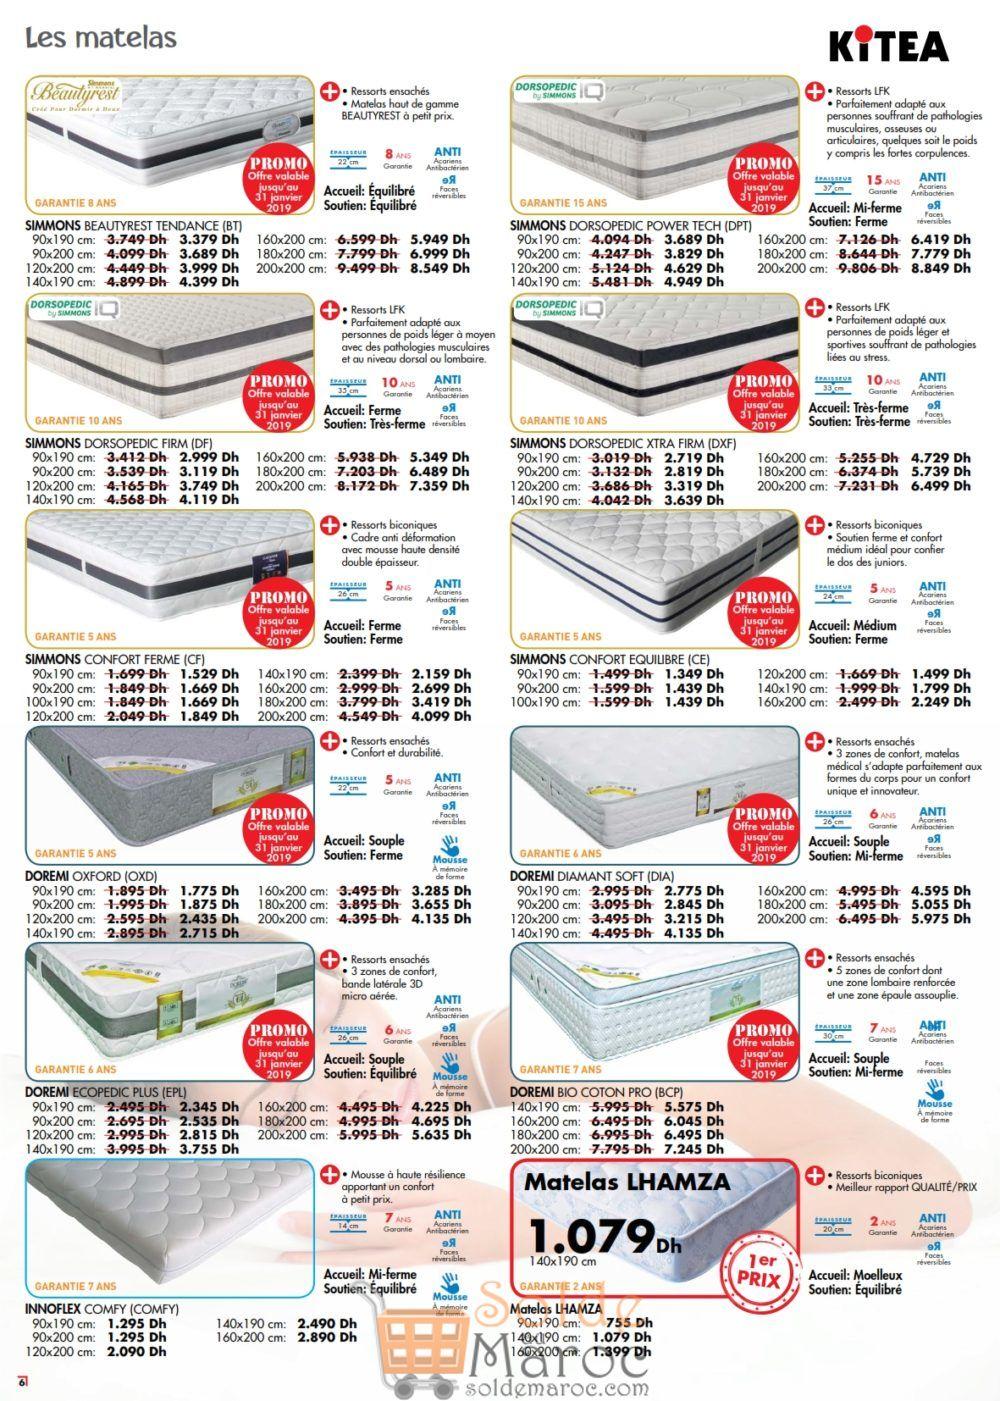 Catalogue Kitea Guide Sommeil Jusqu'au 31 Janvier 2019